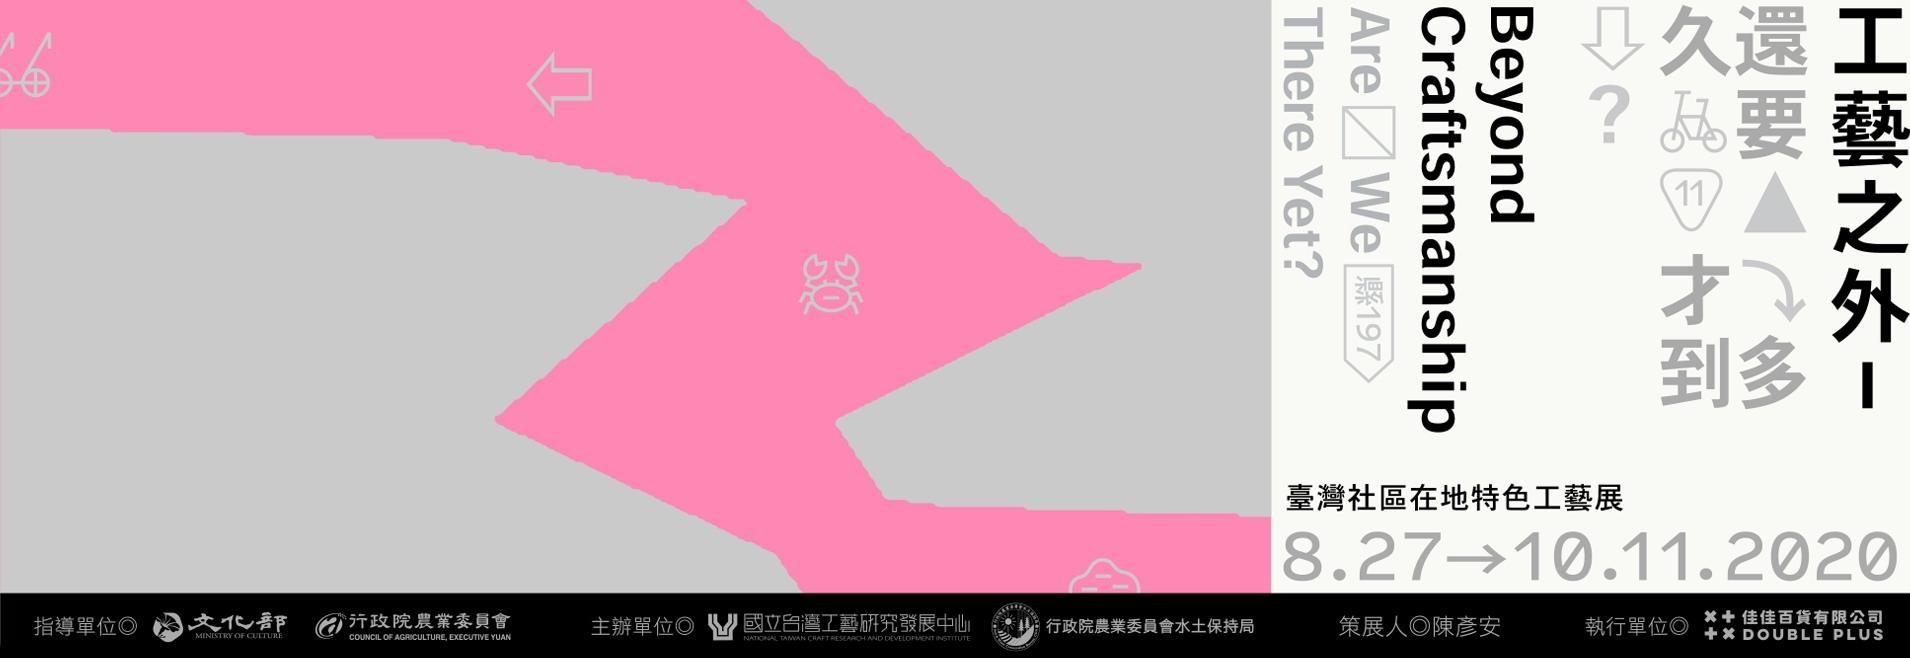 「工藝之外,還要多久才到?」-臺灣社區工藝在地特色展「另開新視窗」